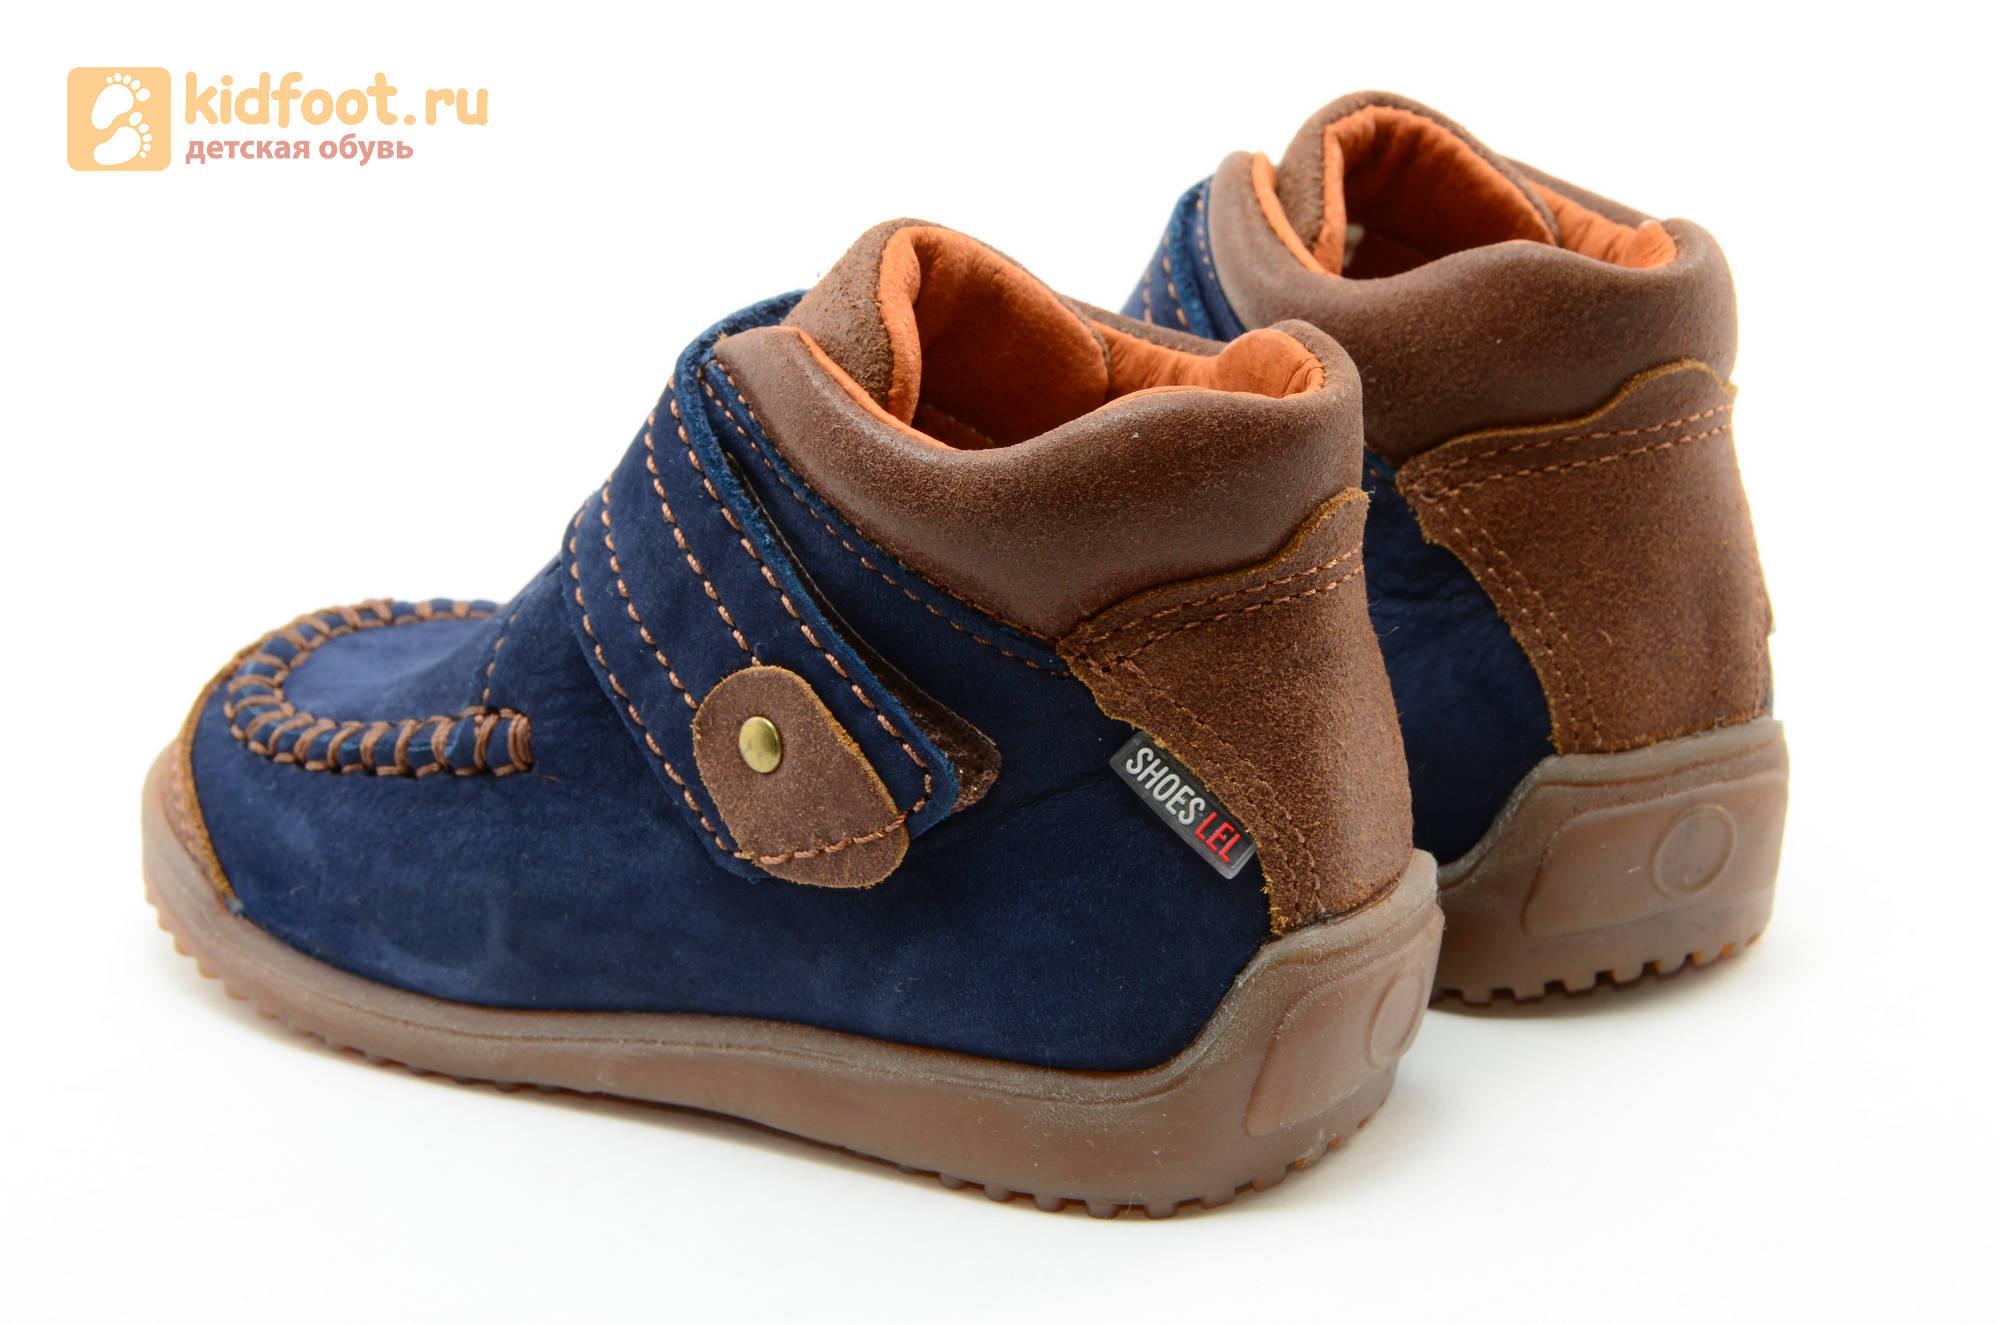 Ботинки для мальчиков кожаные Лель (LEL) на липучке, цвет синий